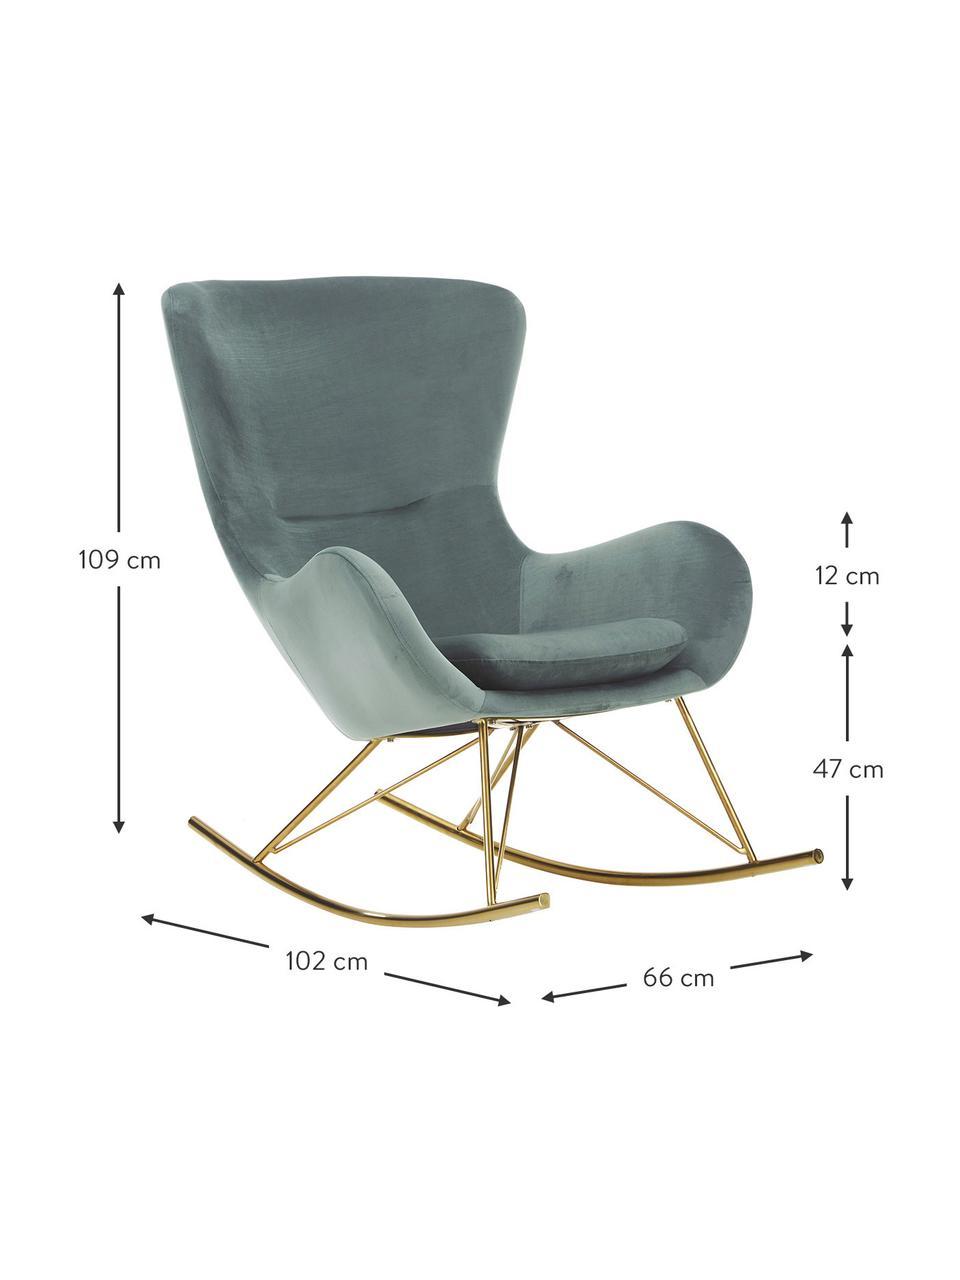 Fotel bujany uszak z aksamitu Wing, Tapicerka: aksamit (poliester) Dzięk, Stelaż: metal galwanizowany, Aksamitny szałwiowy zielony, odcienie złotego, S 66 x G 102 cm